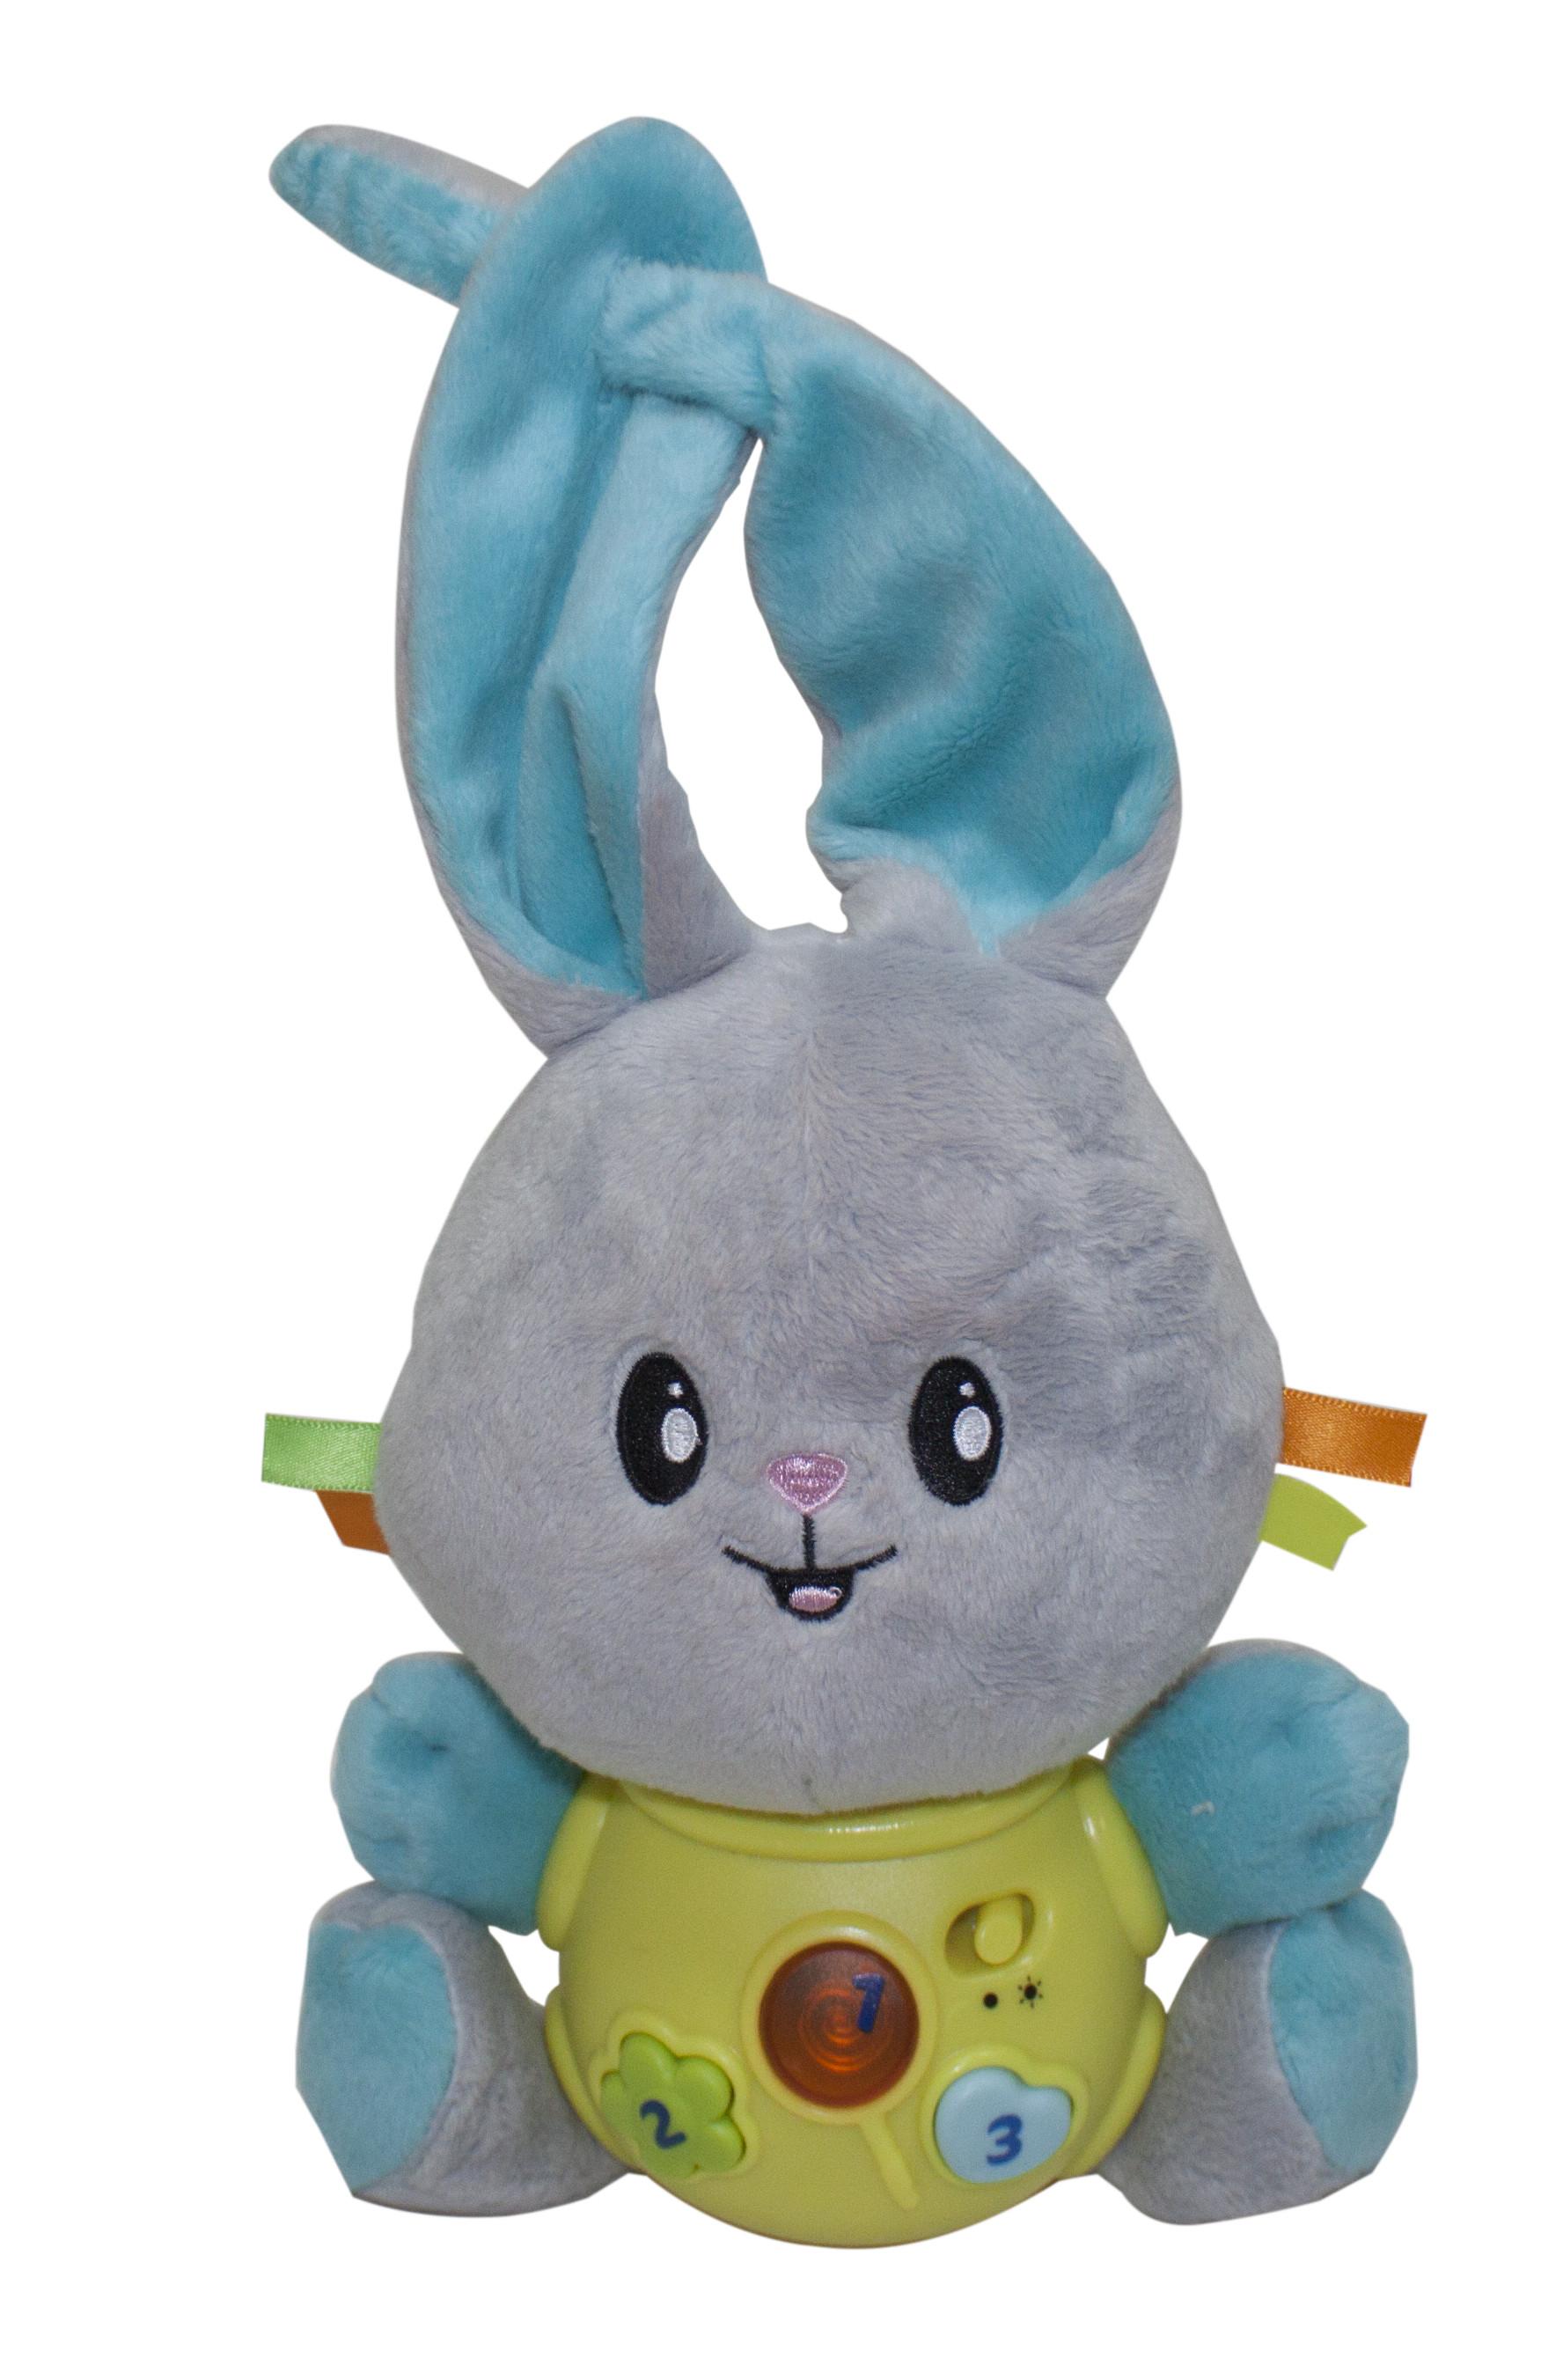 Купить Развивающие игрушки, Интерактивный зайка, Kidz Delight, Китай, Мультиколор